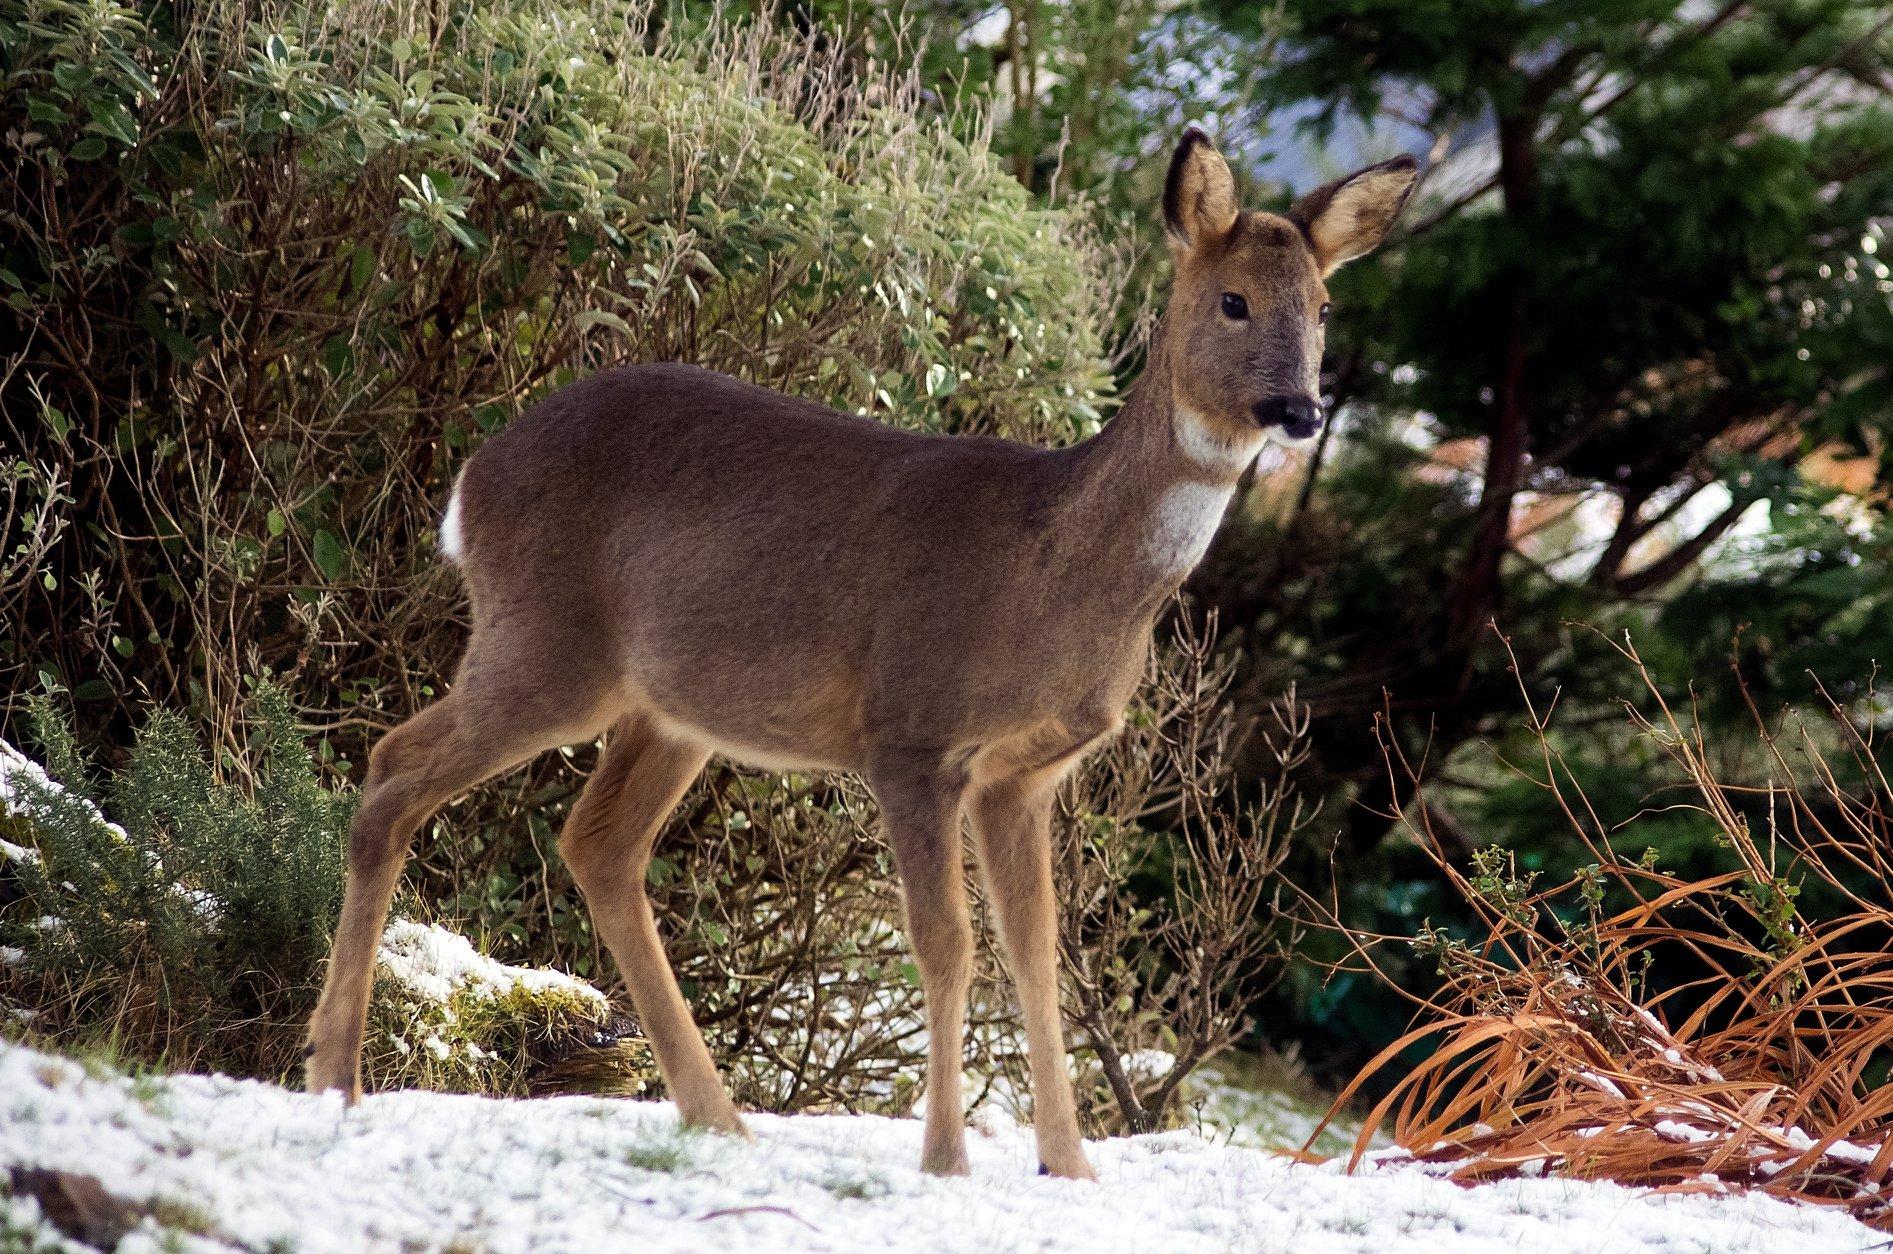 Roe deer browsing in the garden.